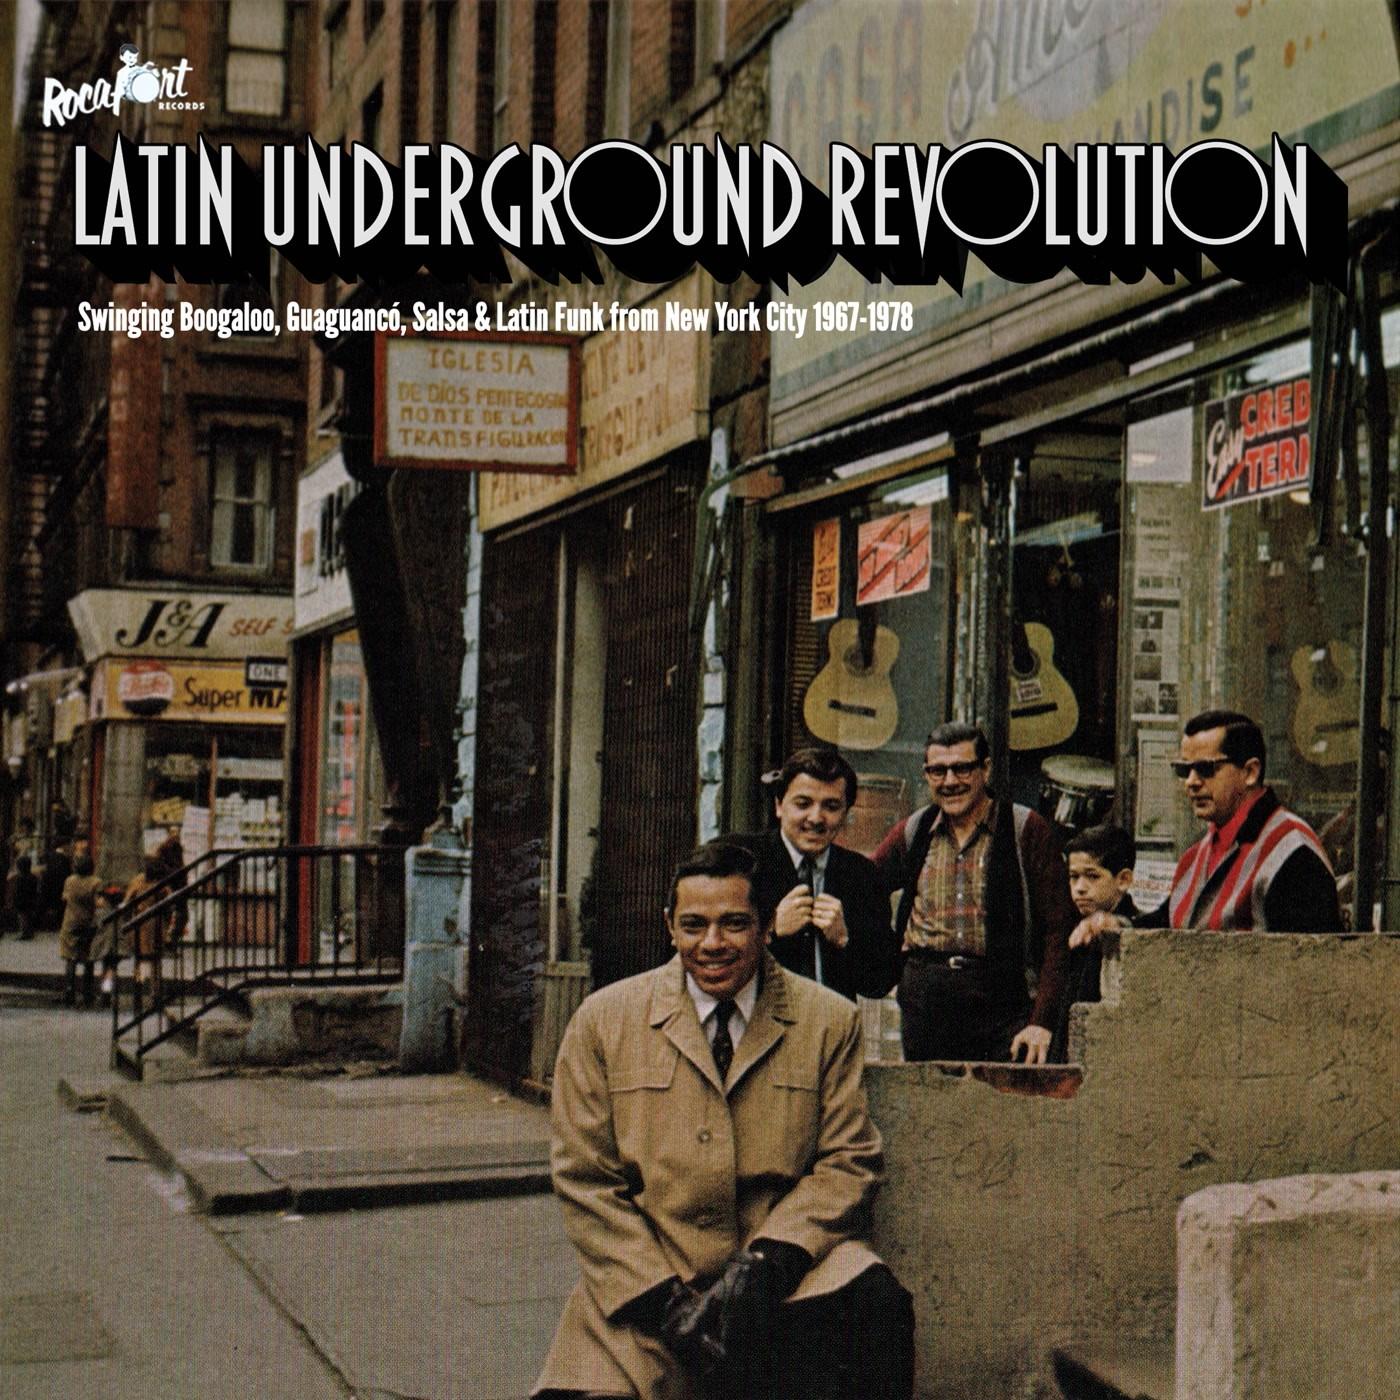 Latin Underground Revolution